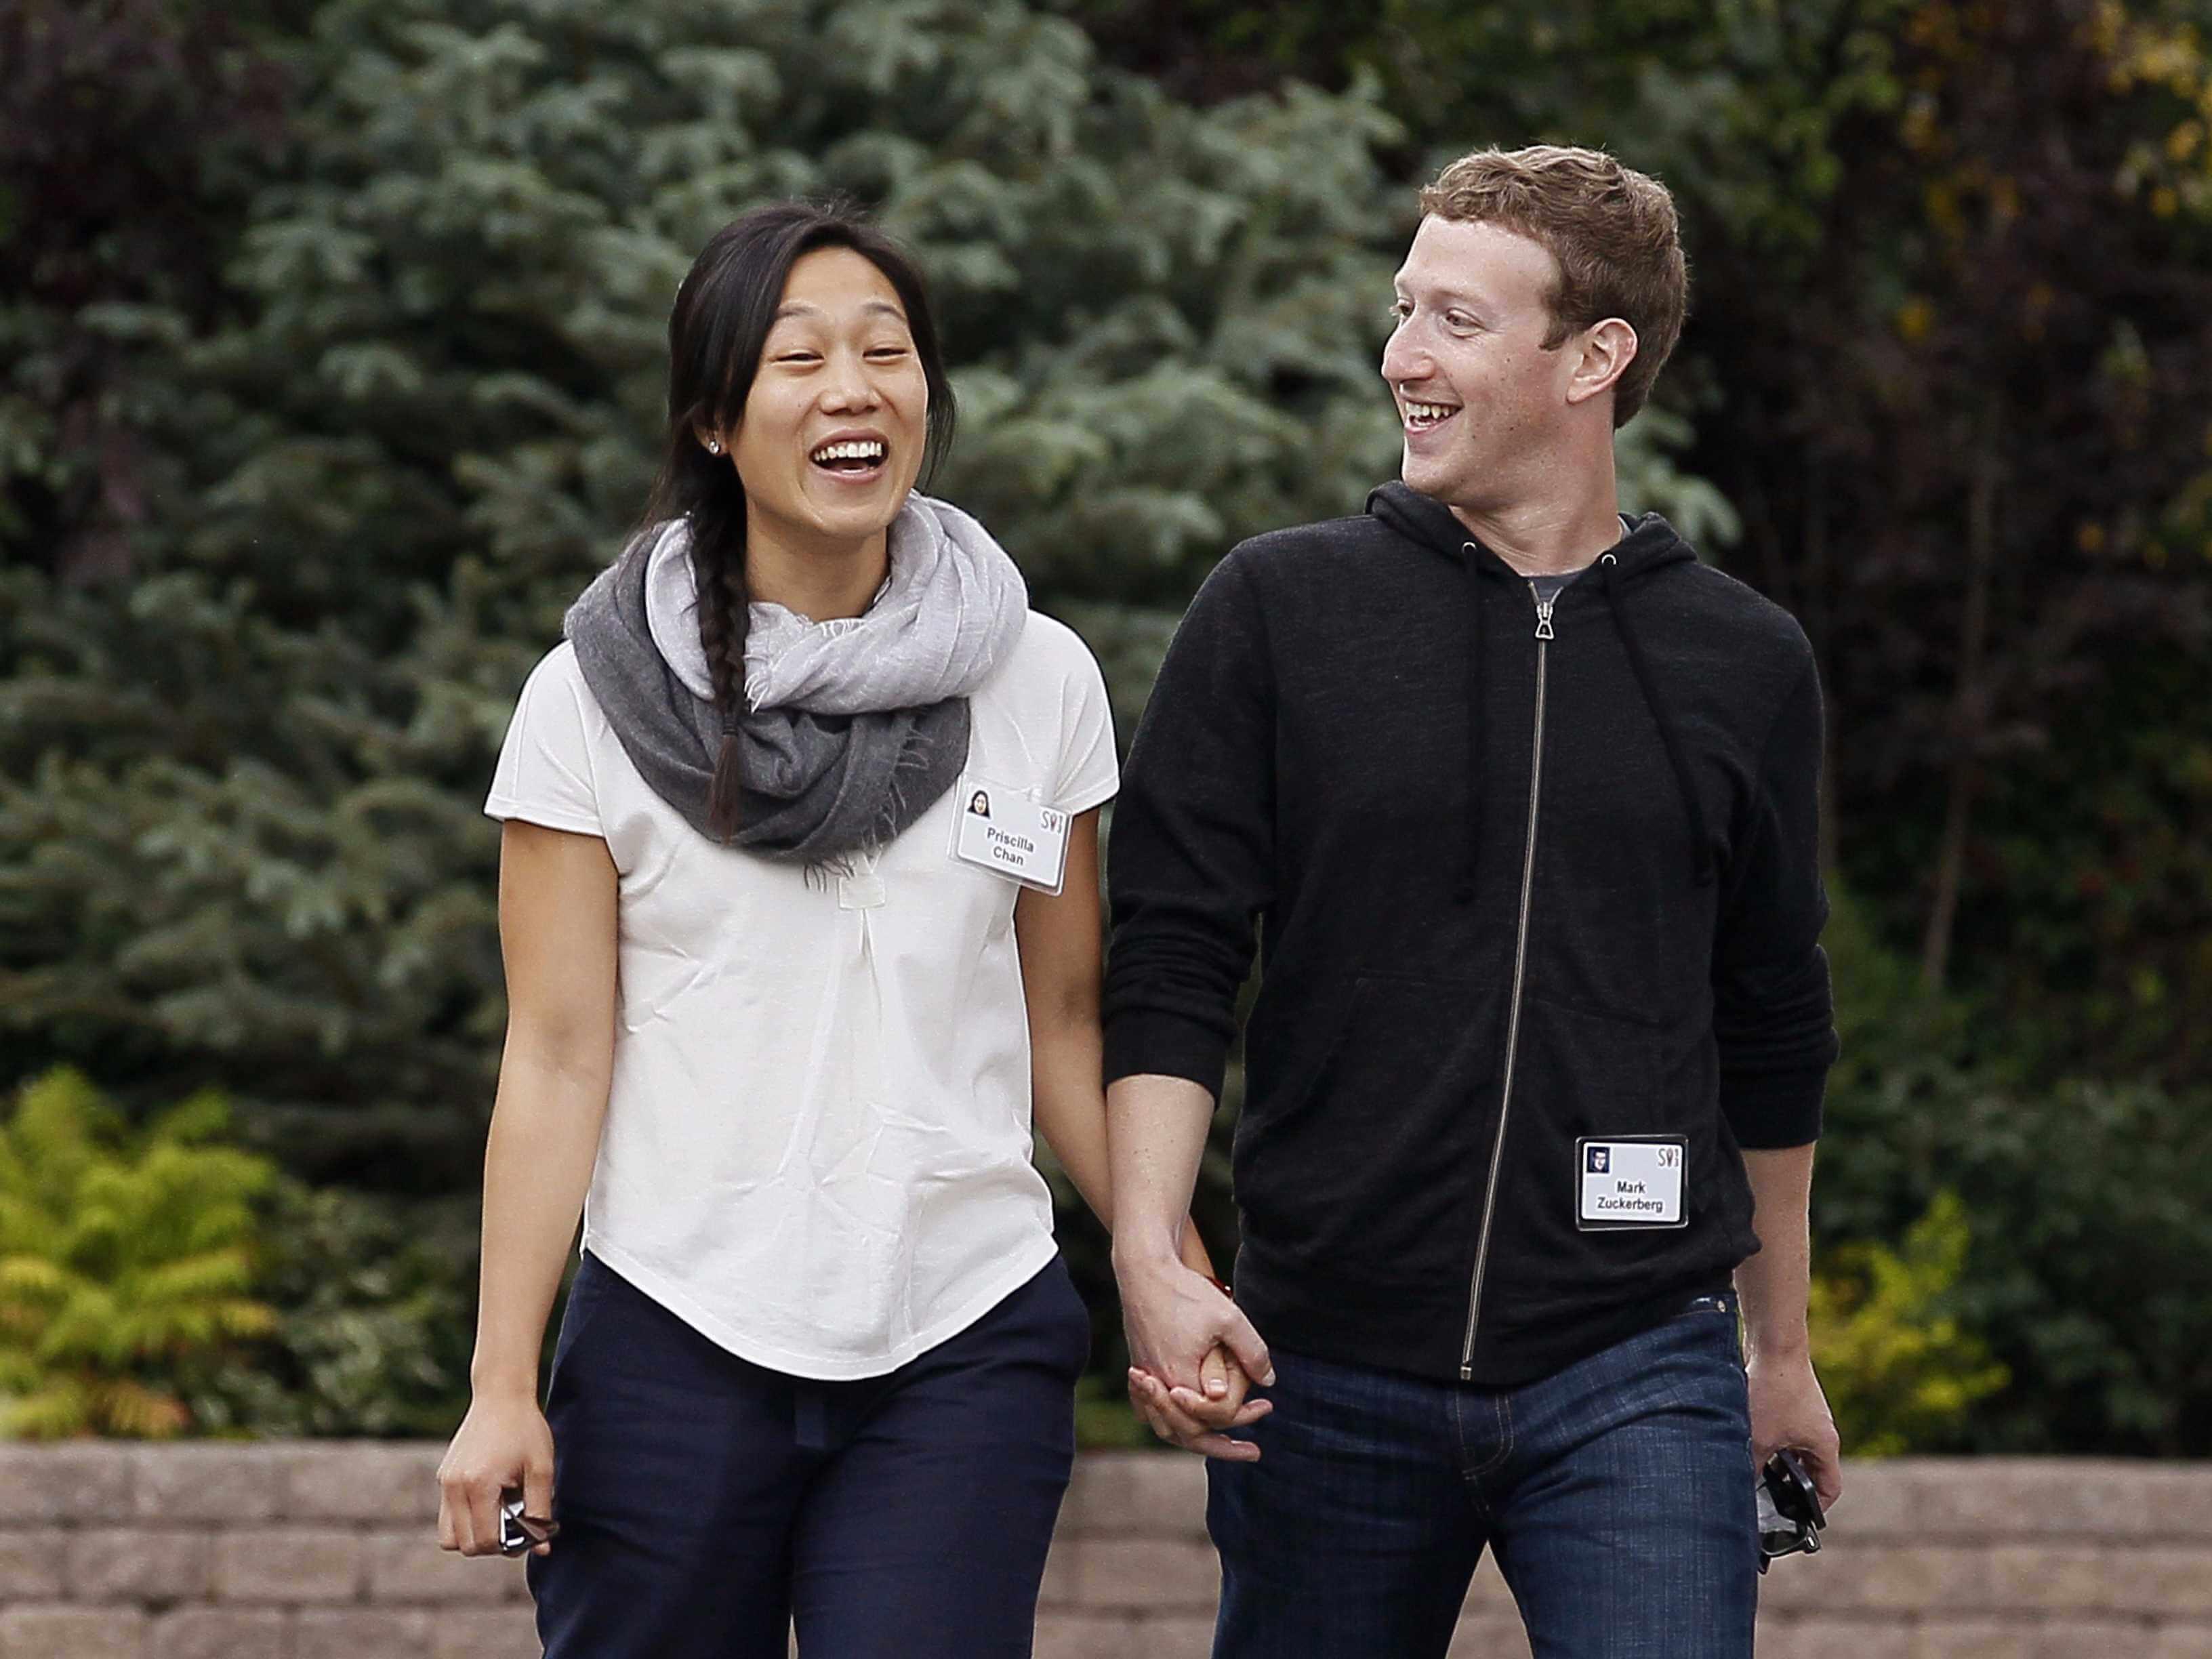 Dünyanın En Yoğun İnsanlarından Mark Zuckerberg'ün Bir Günü Nasıl Geçiyor?